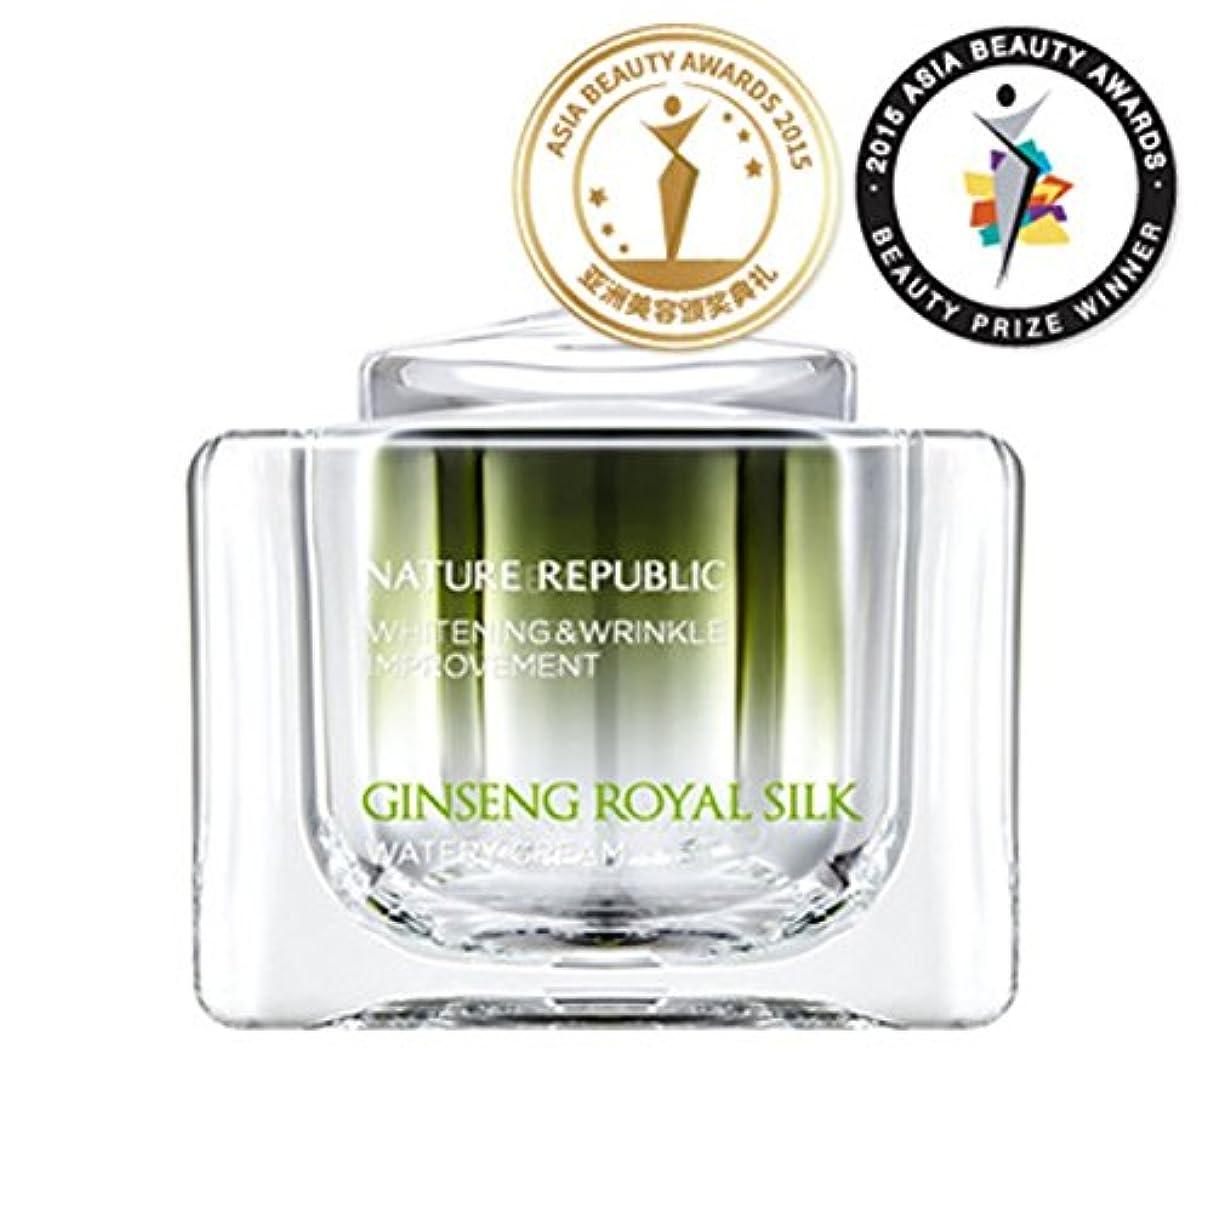 しおれたアスリートいらいらさせるネイチャーリパブリック [韓国コスメ NATURE REPUBLIC] ジンセン ロイヤル シルク ウォータリー クリーム [海外直送品]Nature Republic, Ginseng Royal silk Watery...